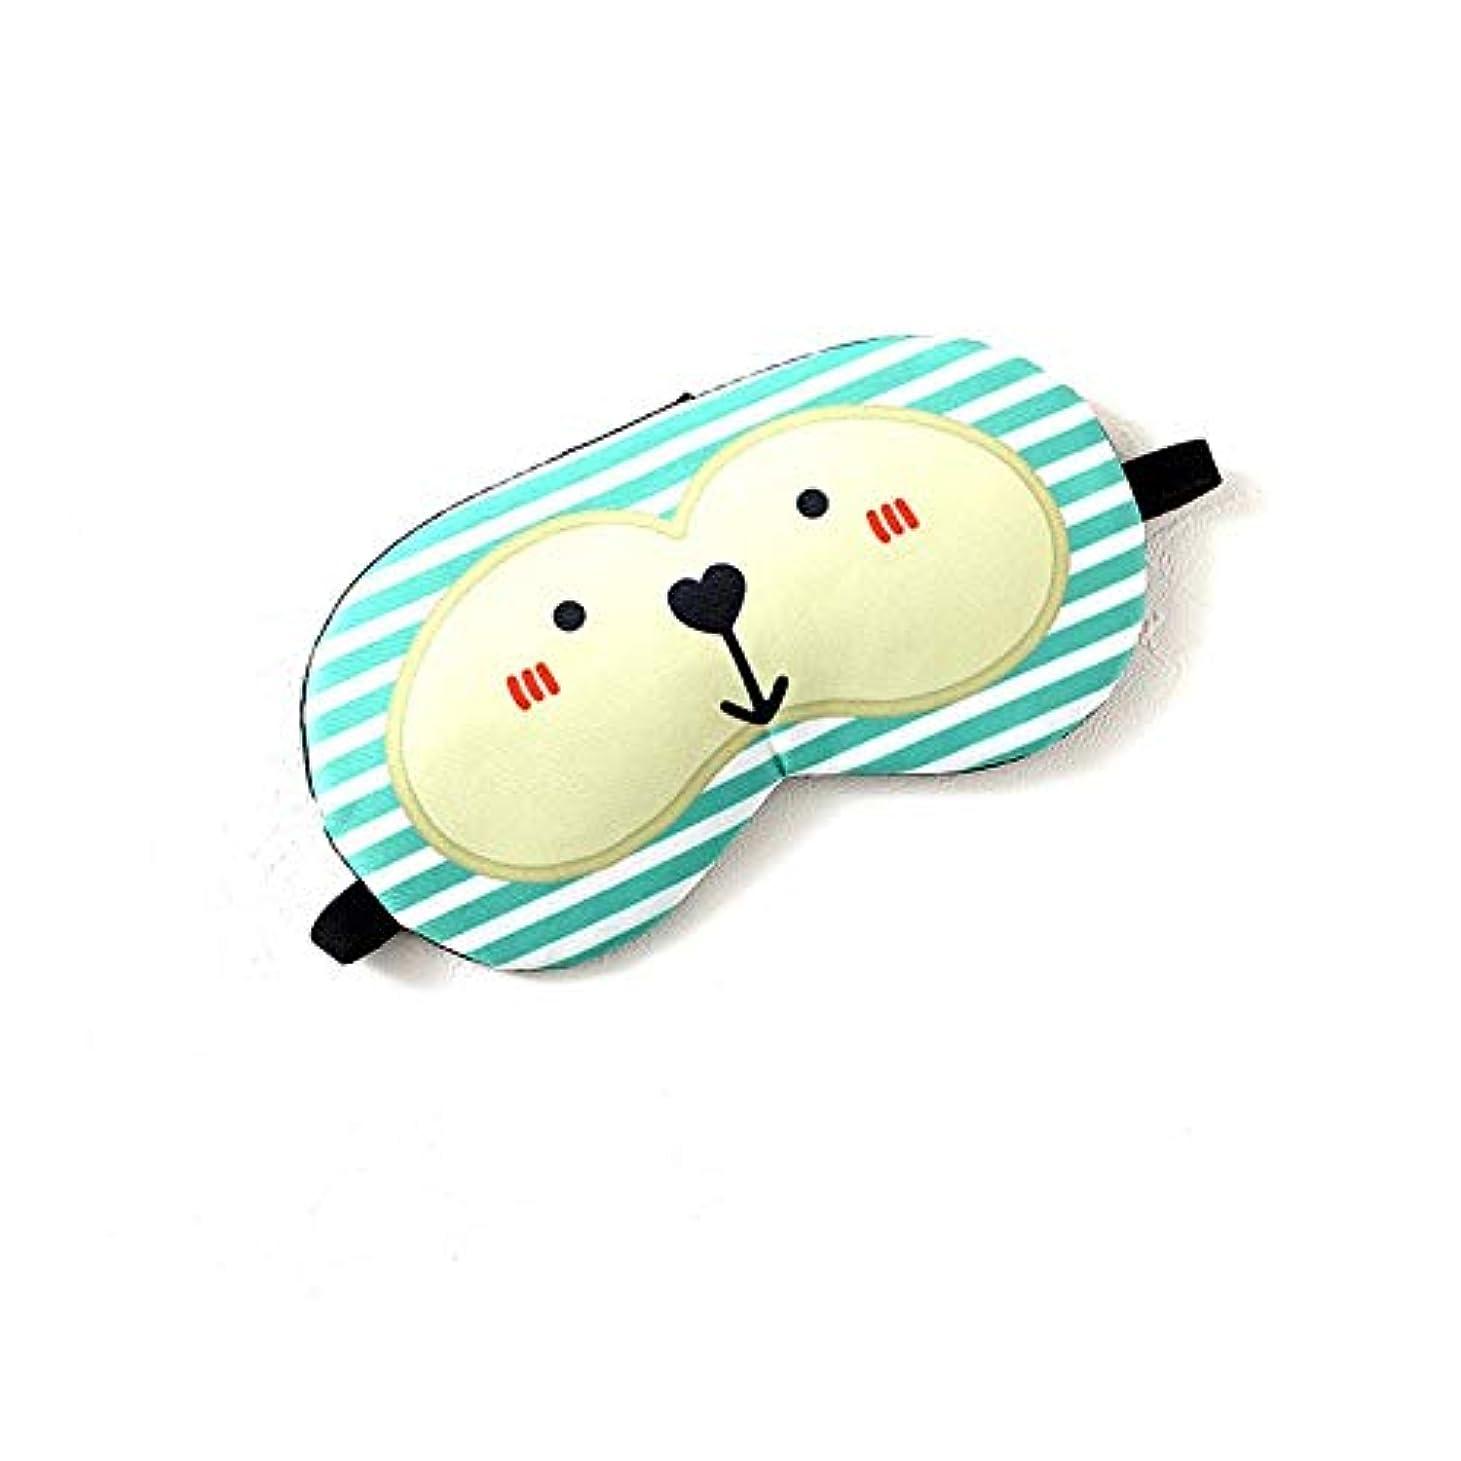 味わう熱ステッチNOTE かわいいソフトアイエイドマスク旅行睡眠休息アイシェードカバー通常のアイシェード目隠しユニセックスファッション新しい